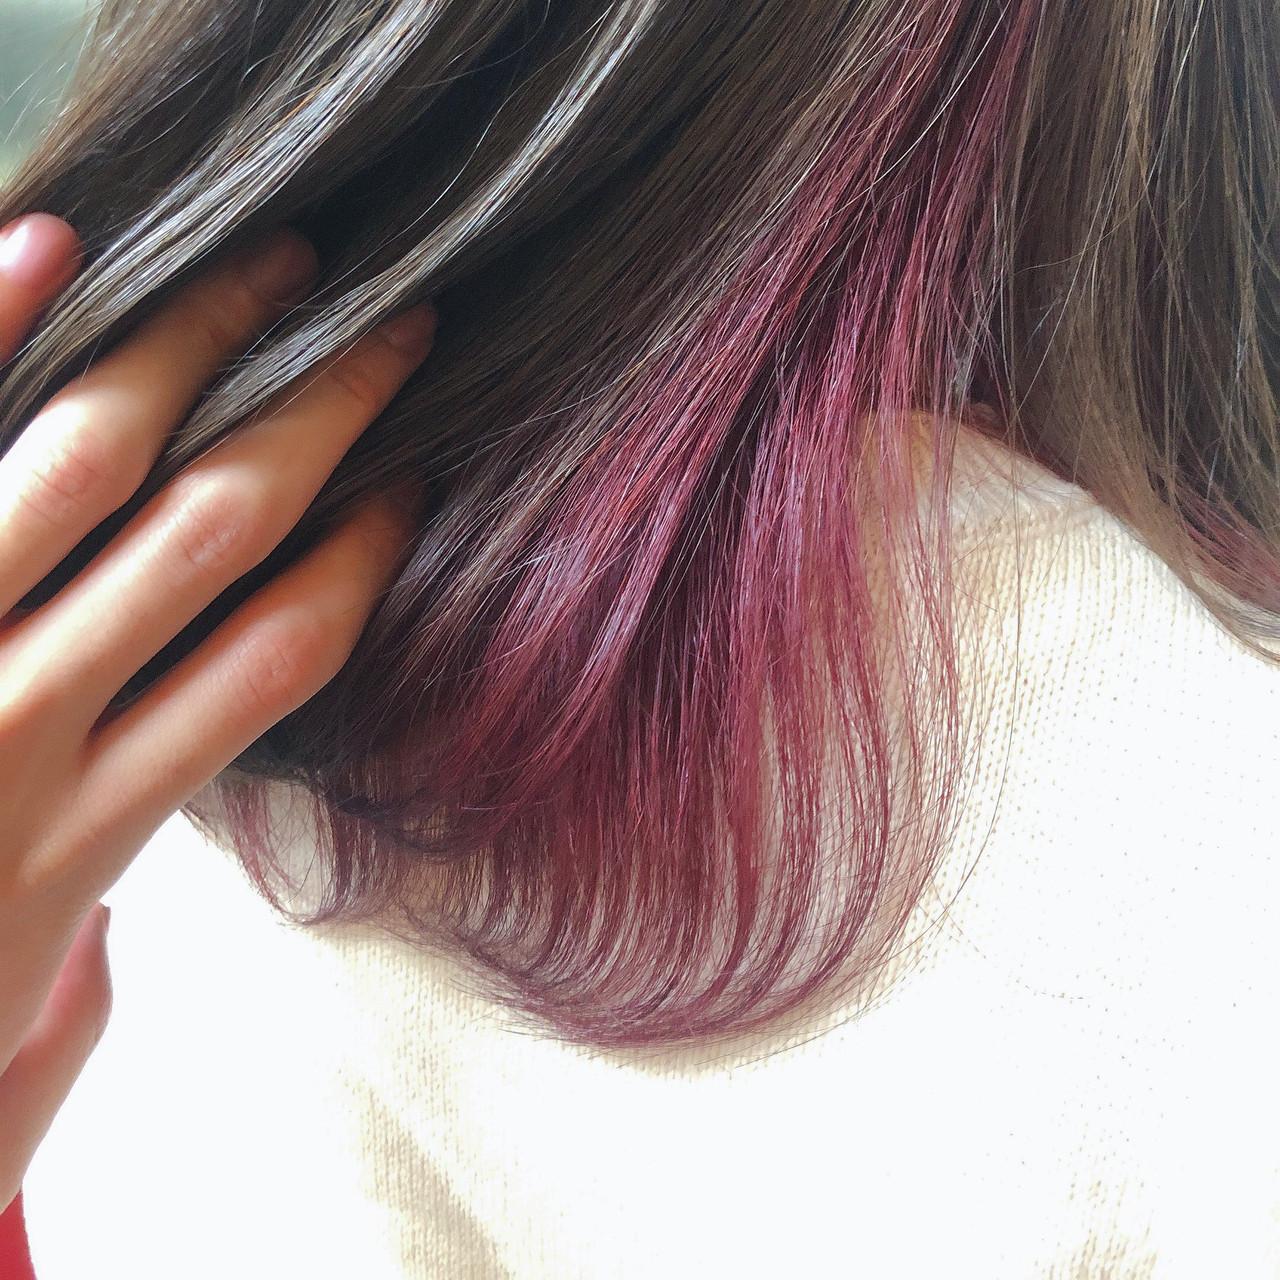 フェミニン ラベンダーピンク ピンク インナーピンク ヘアスタイルや髪型の写真・画像